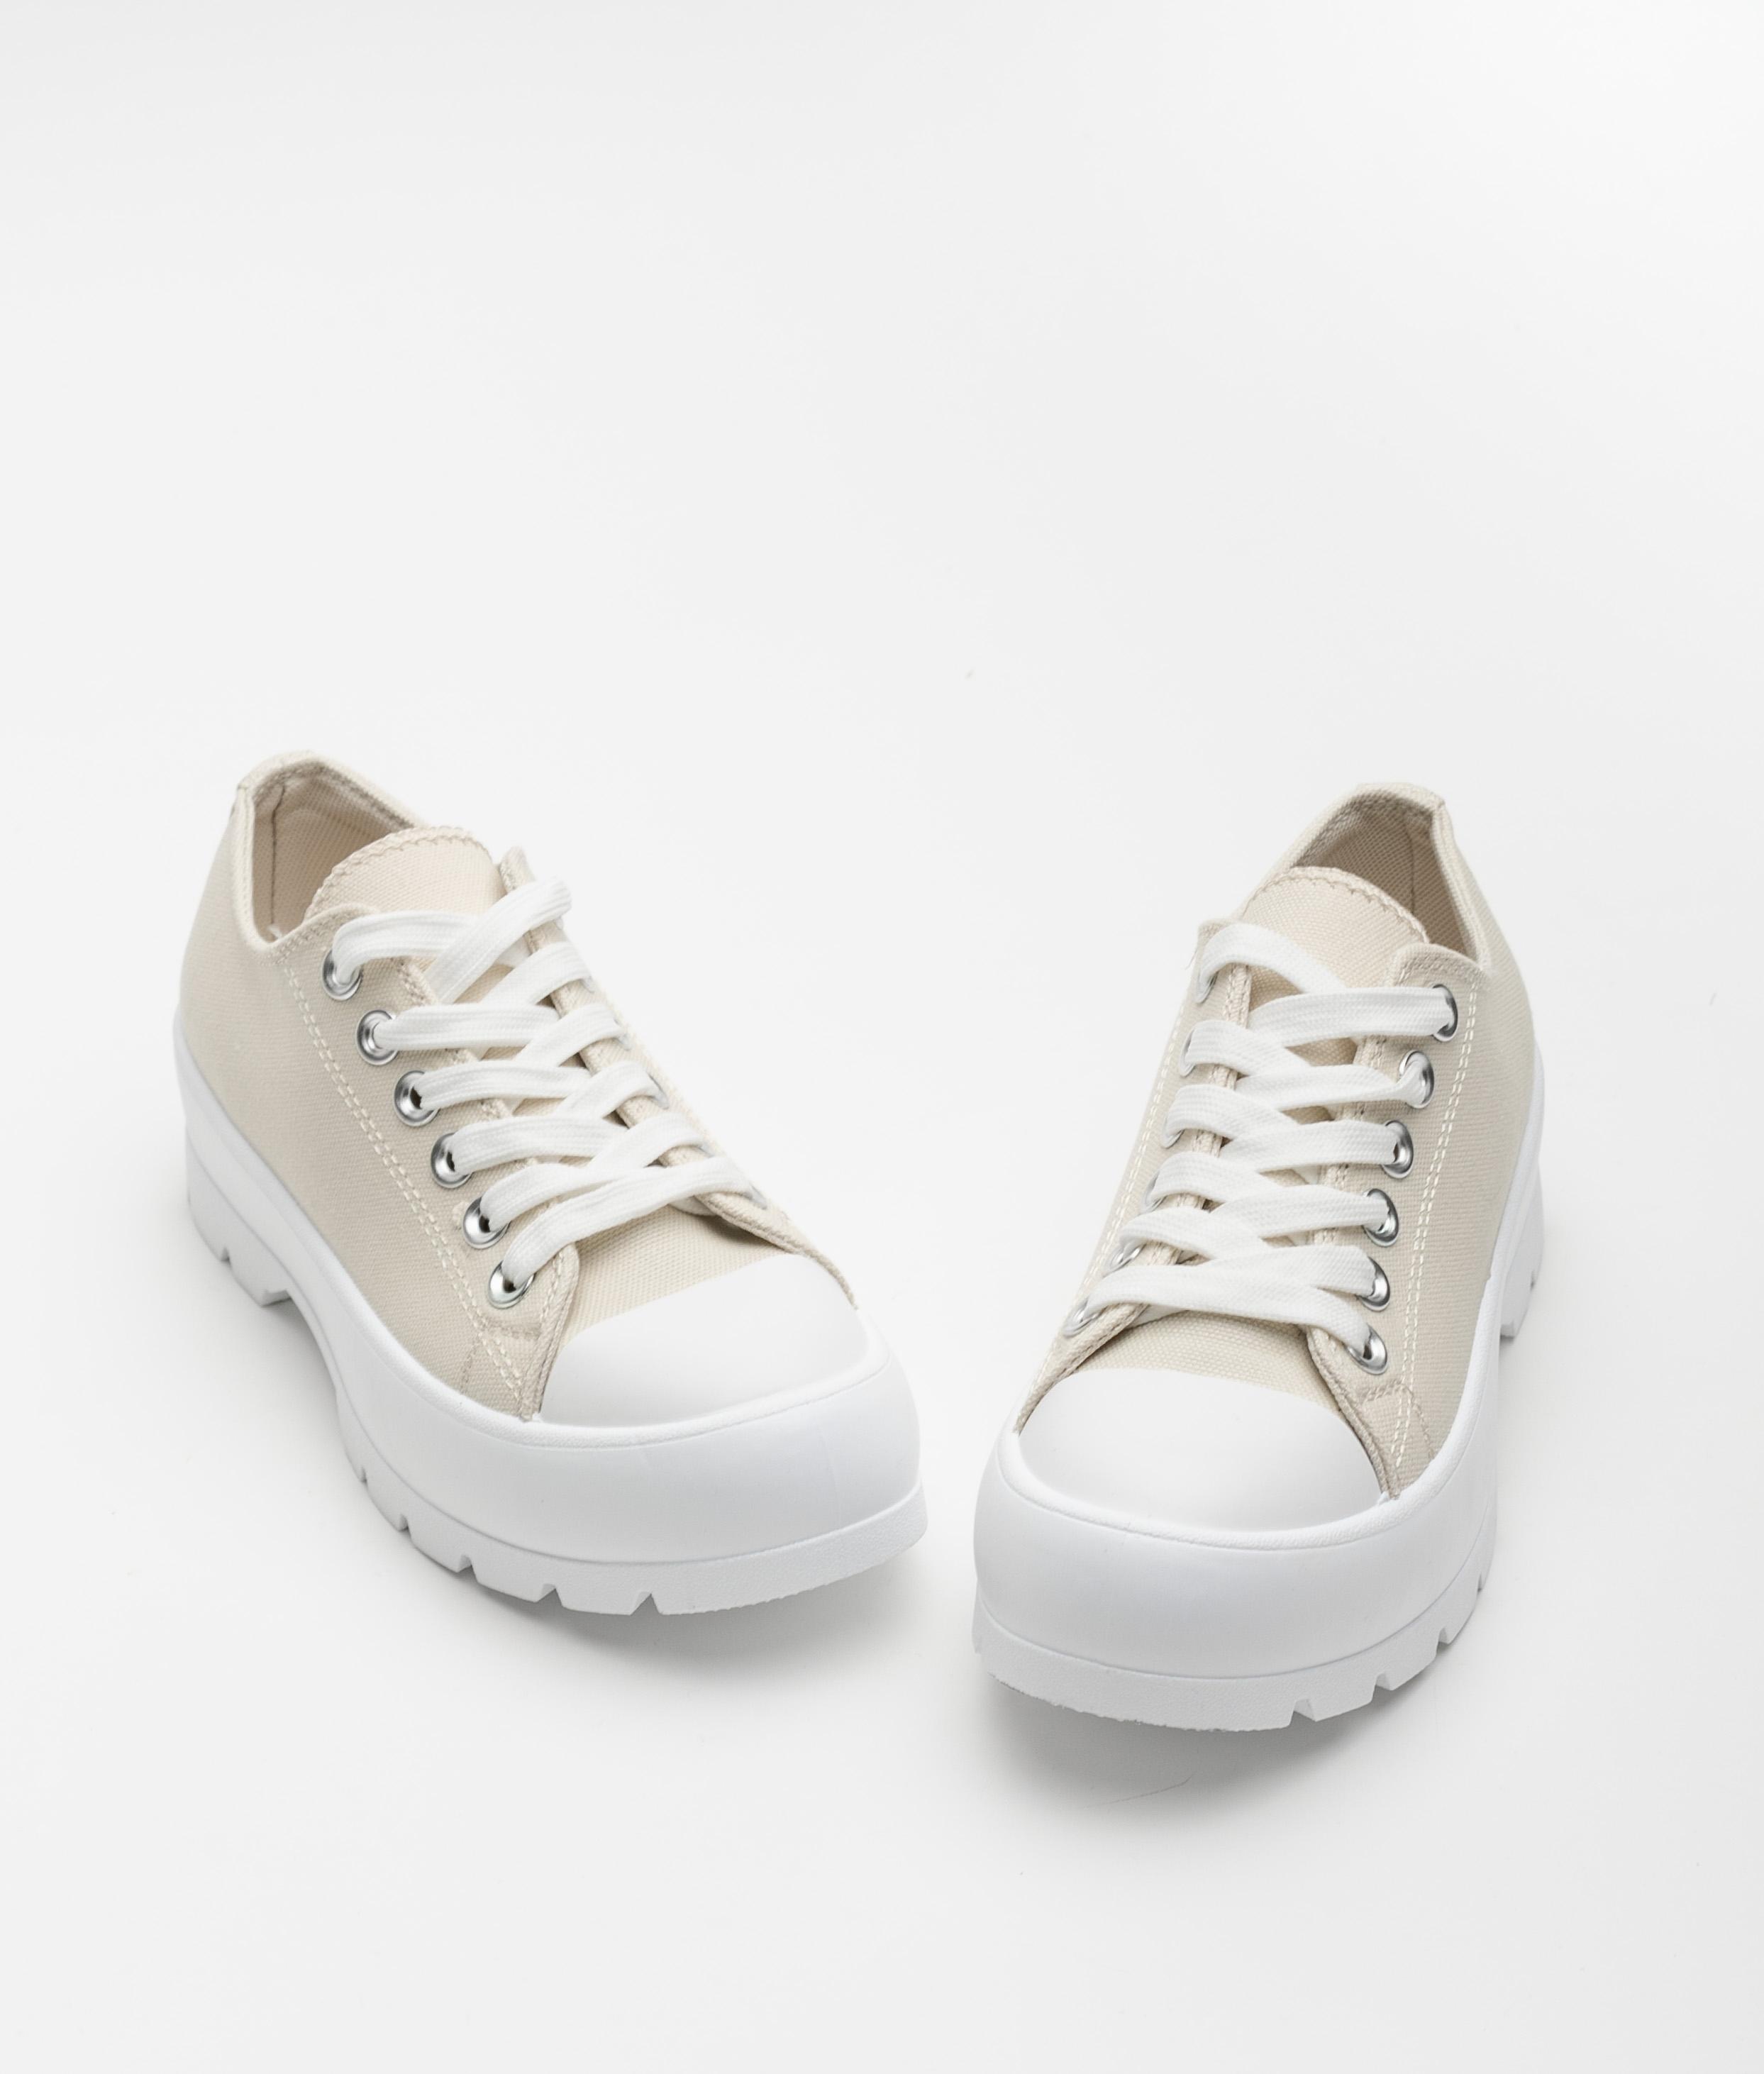 Sneakers CLETA - BEIGE